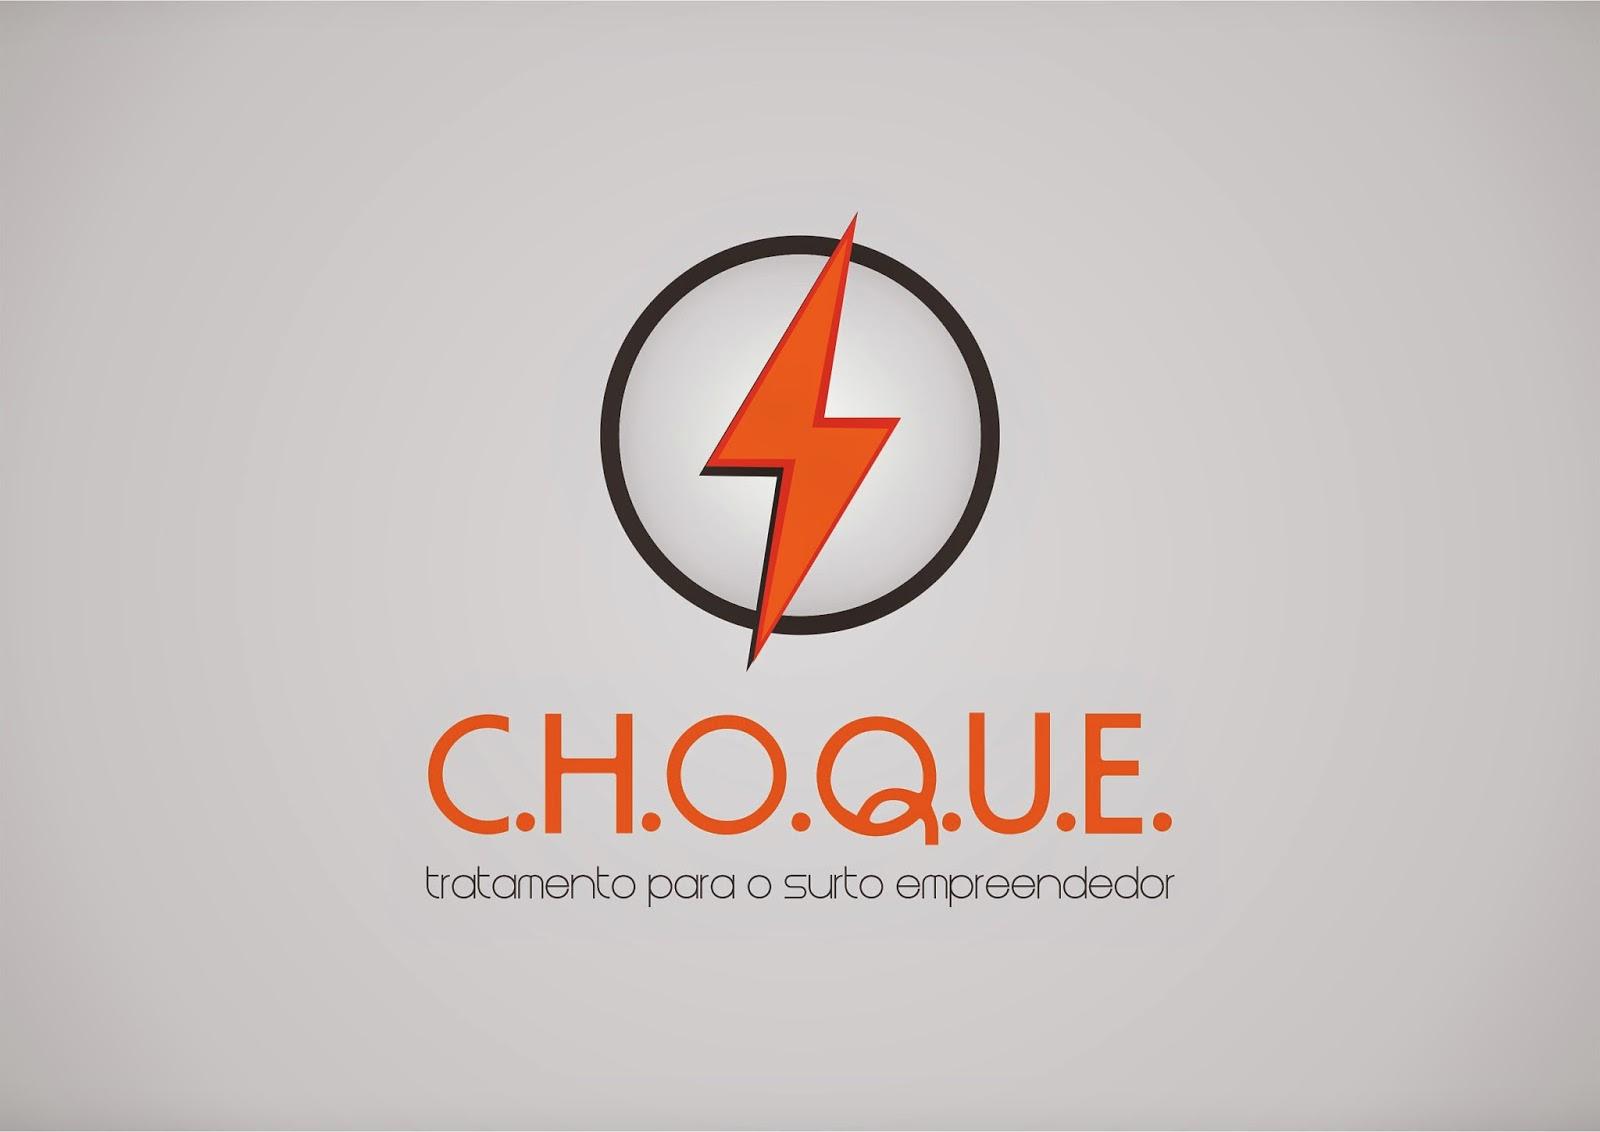 http://www.choqueonline.com.br/